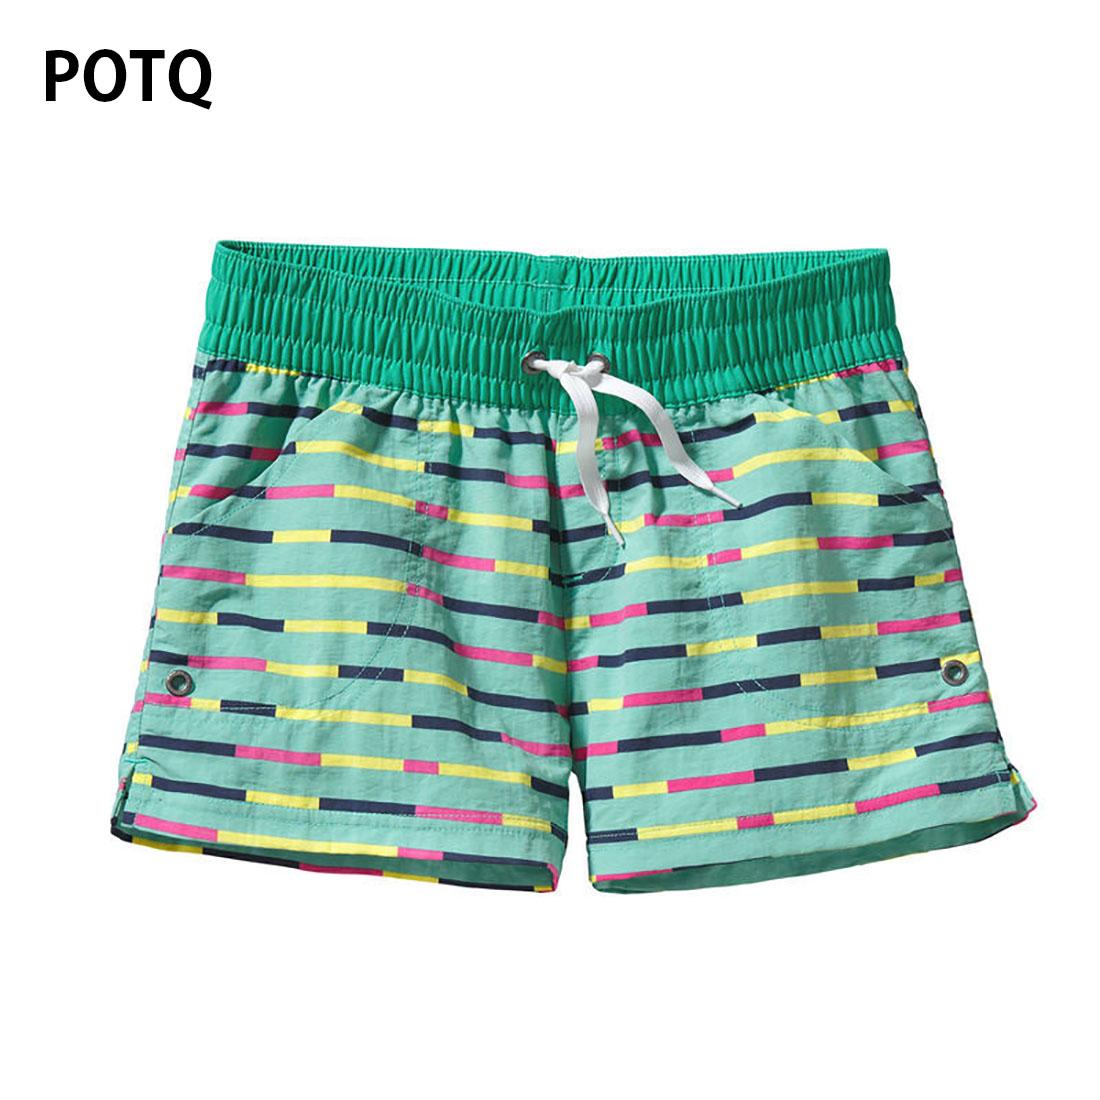 パタゴニア Patagonia ジュニア Girls' Costa Rica Baggies Shorts(M XL)ガールズ・コスタリカ・バギーズ ショーツ 【メール便可】